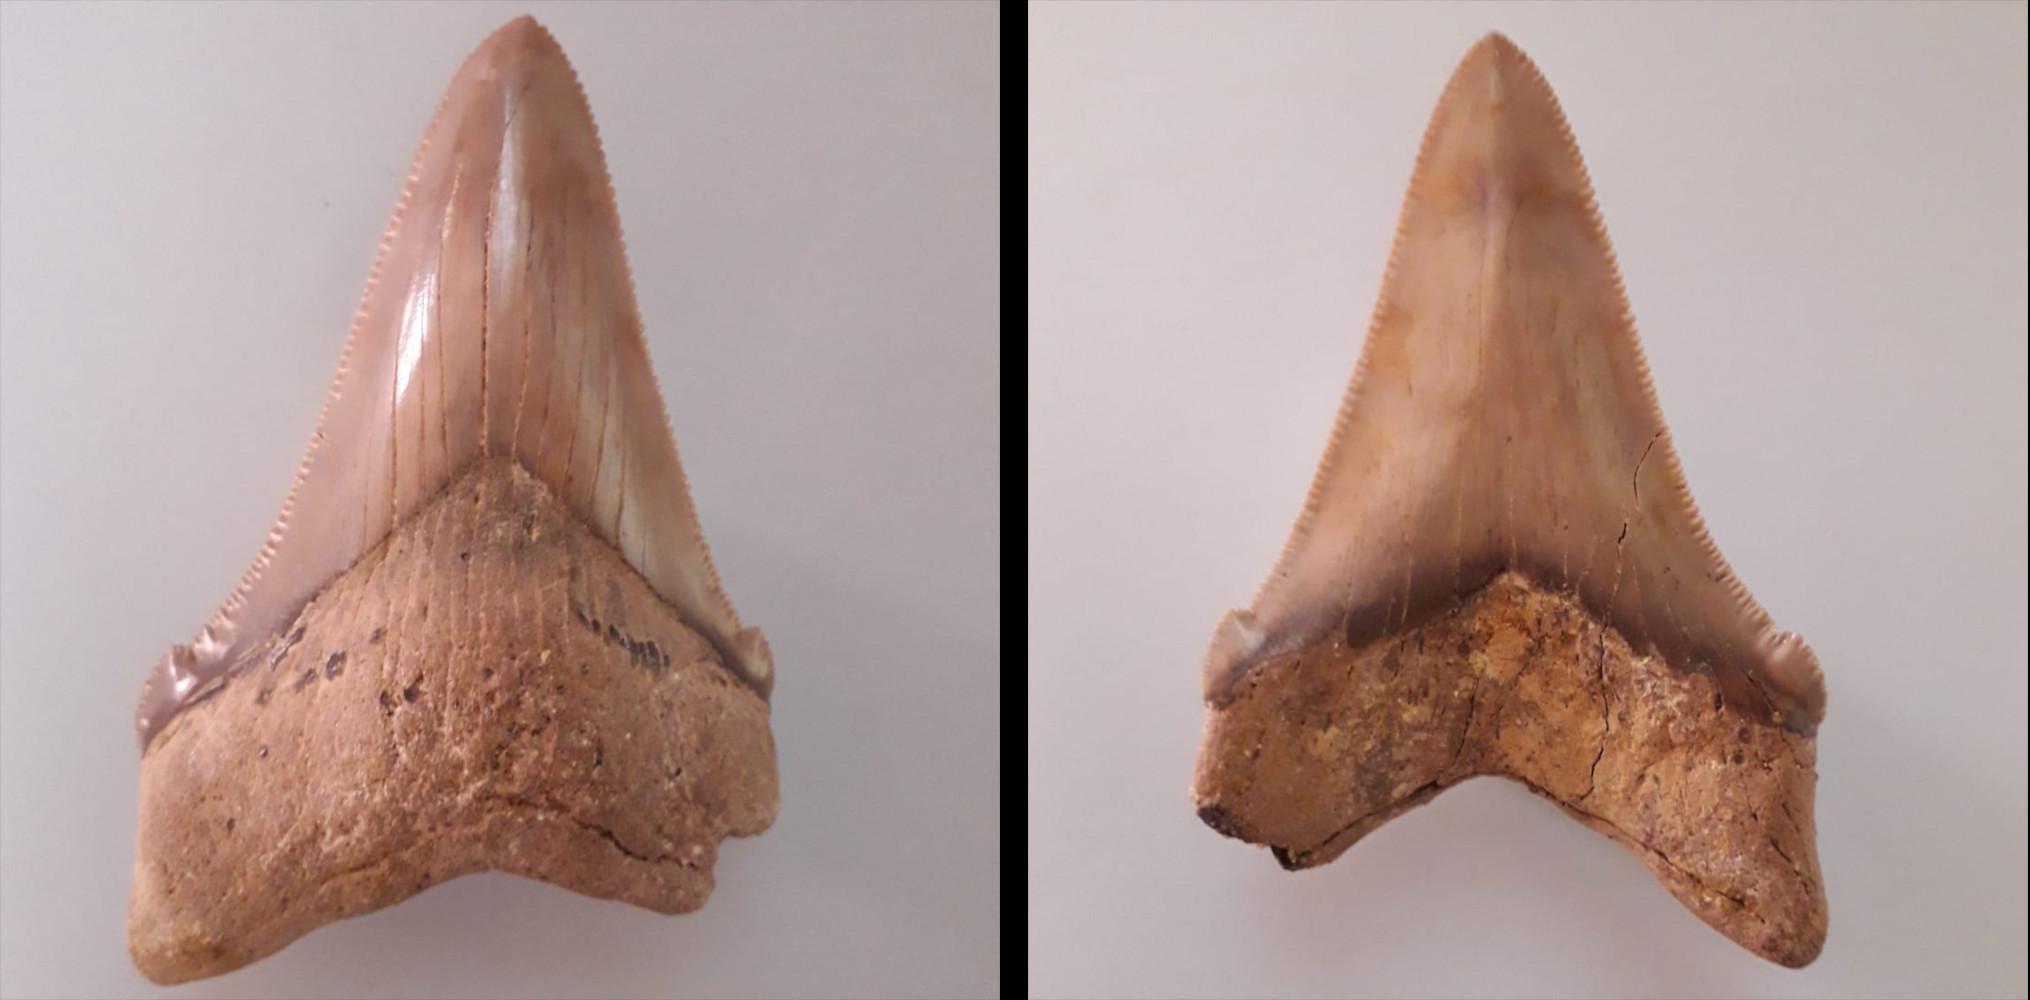 Otodus (Megaselachus) chubutensis, Rengetsweiler, Breite: 60,4 mm, Höhe: 81,3 mm, Lateralzahn, links lingual, rechts labial, Sammlung Unger (CU-R-3)